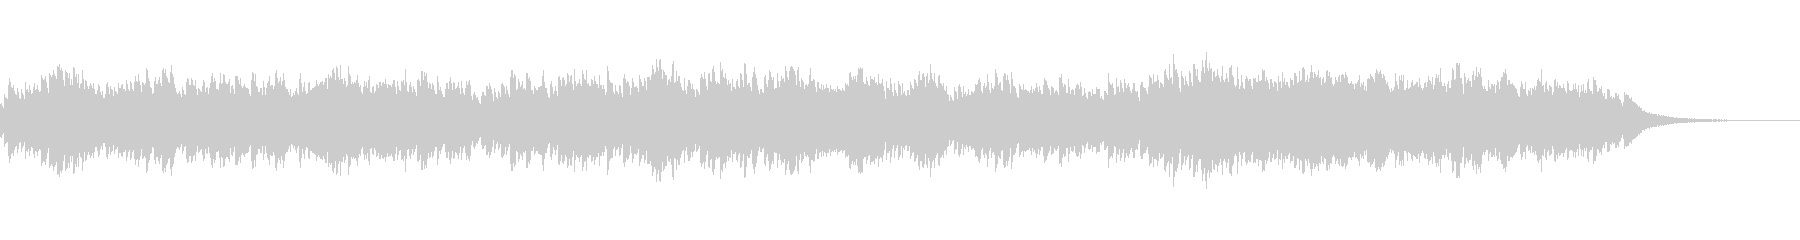 2声のインヴェンション13番 オルゴールの未再生の波形